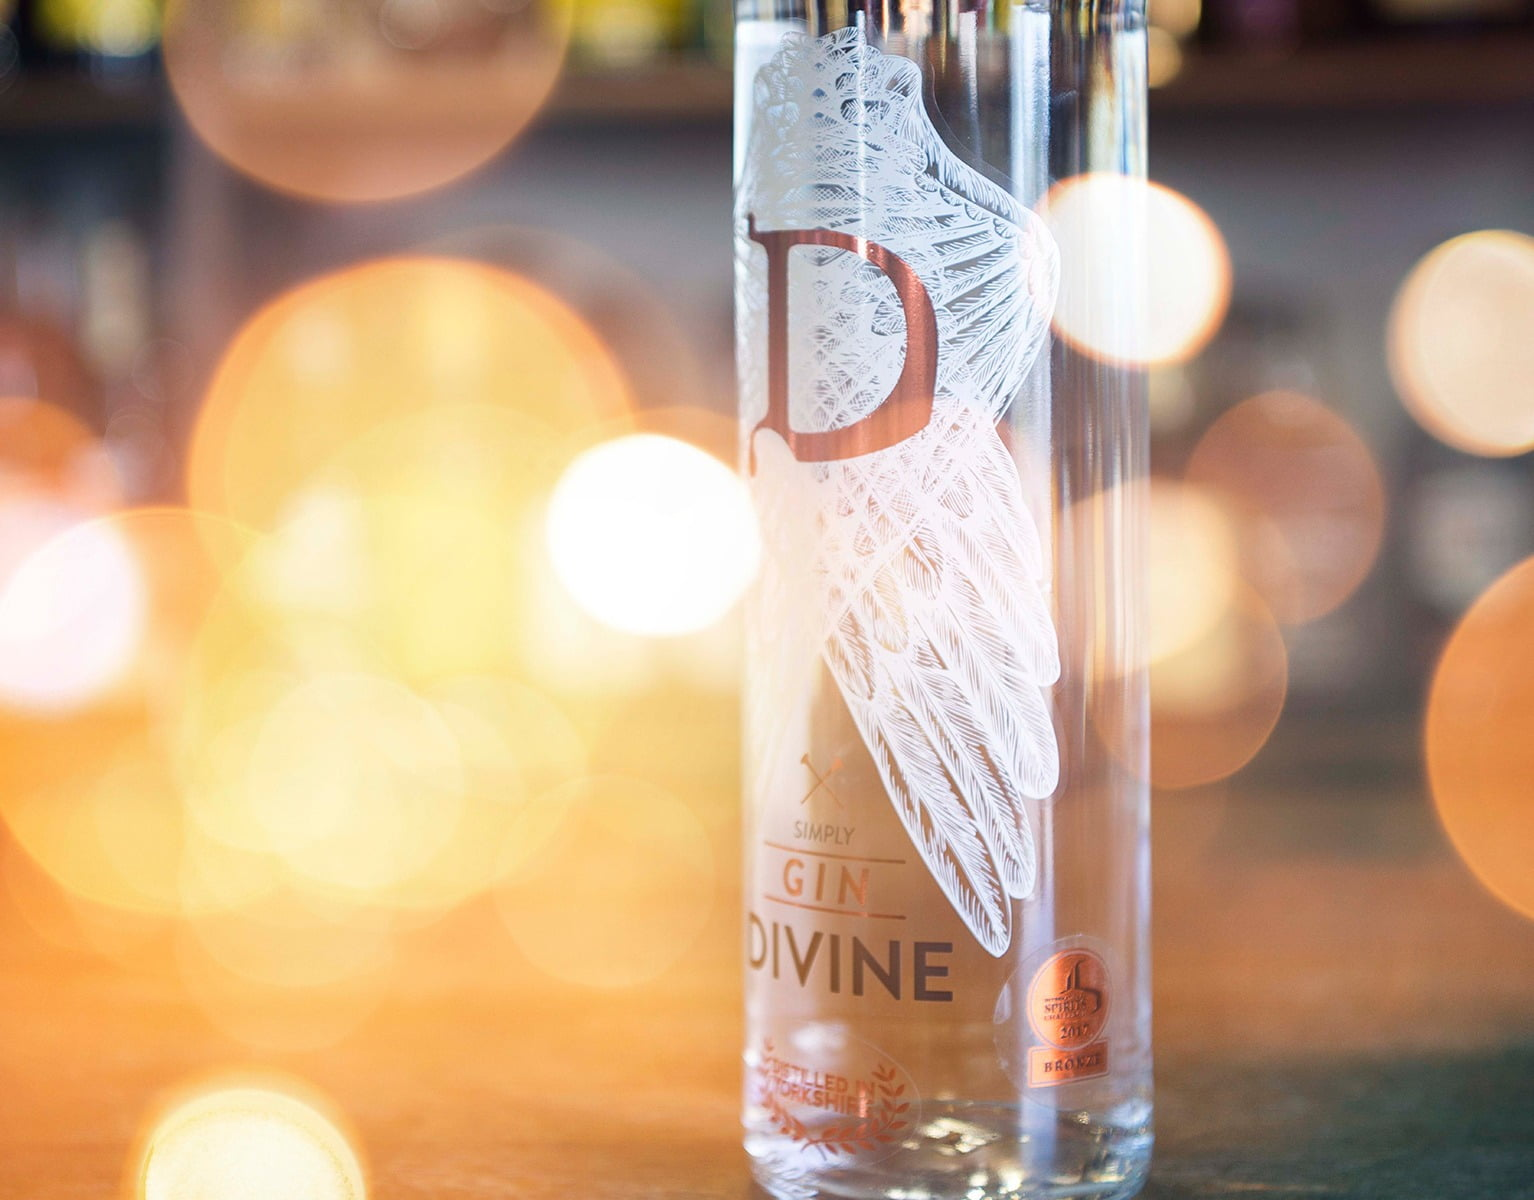 Gin Divine Online at Taste